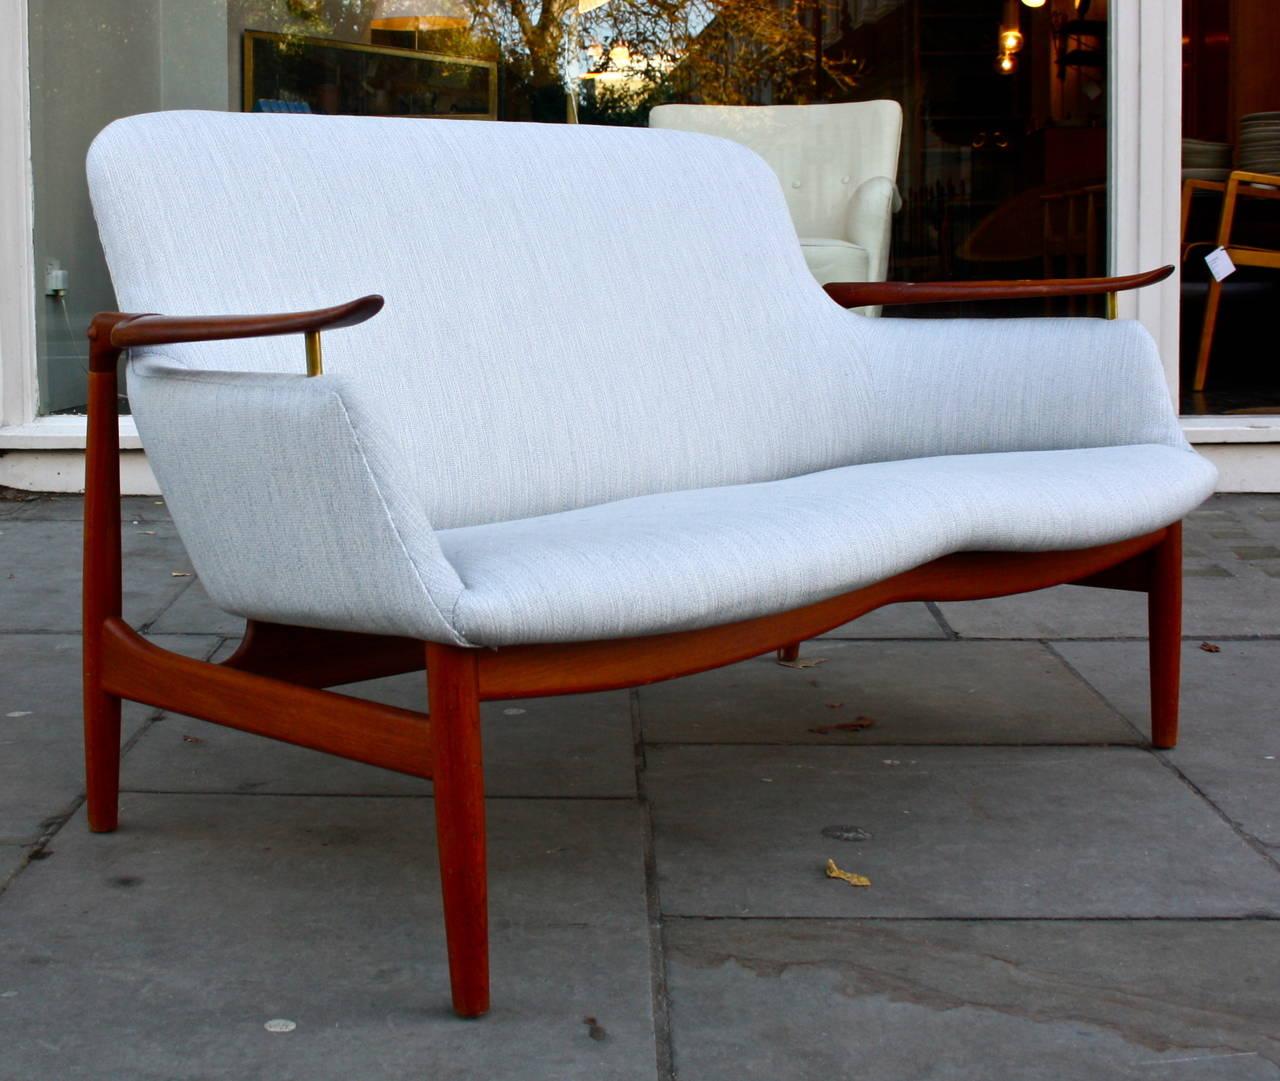 finn juhl nv53 sofa for sale at 1stdibs. Black Bedroom Furniture Sets. Home Design Ideas